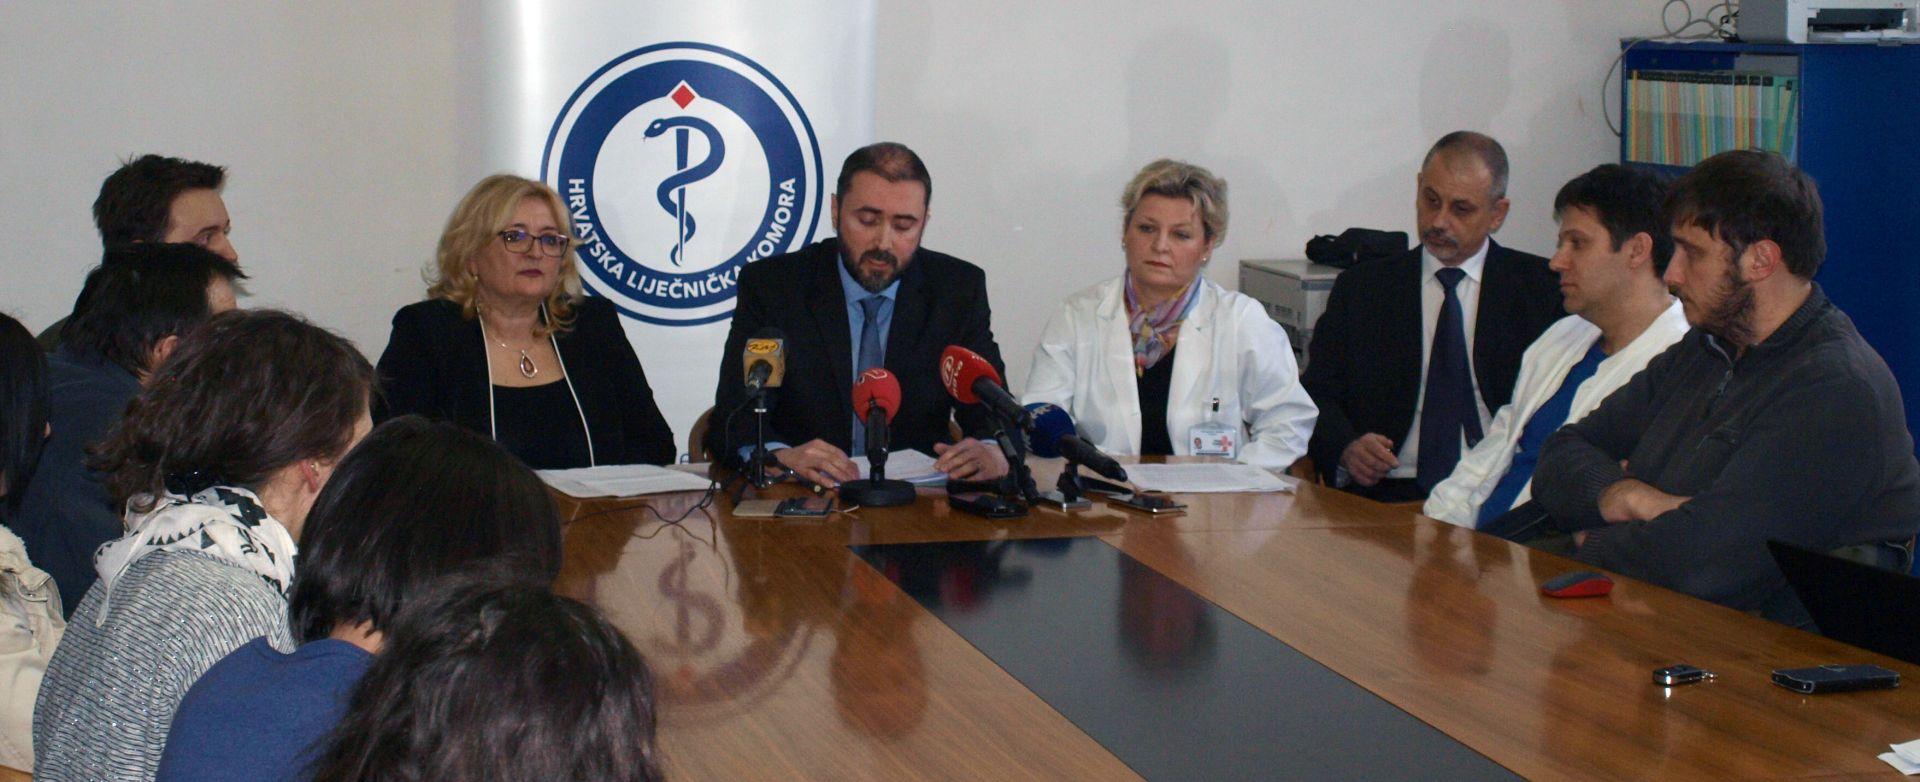 Ravnateljici varaždinske bolnice rok od osam dana da se očituje o ocjenama Upravnog vijeća